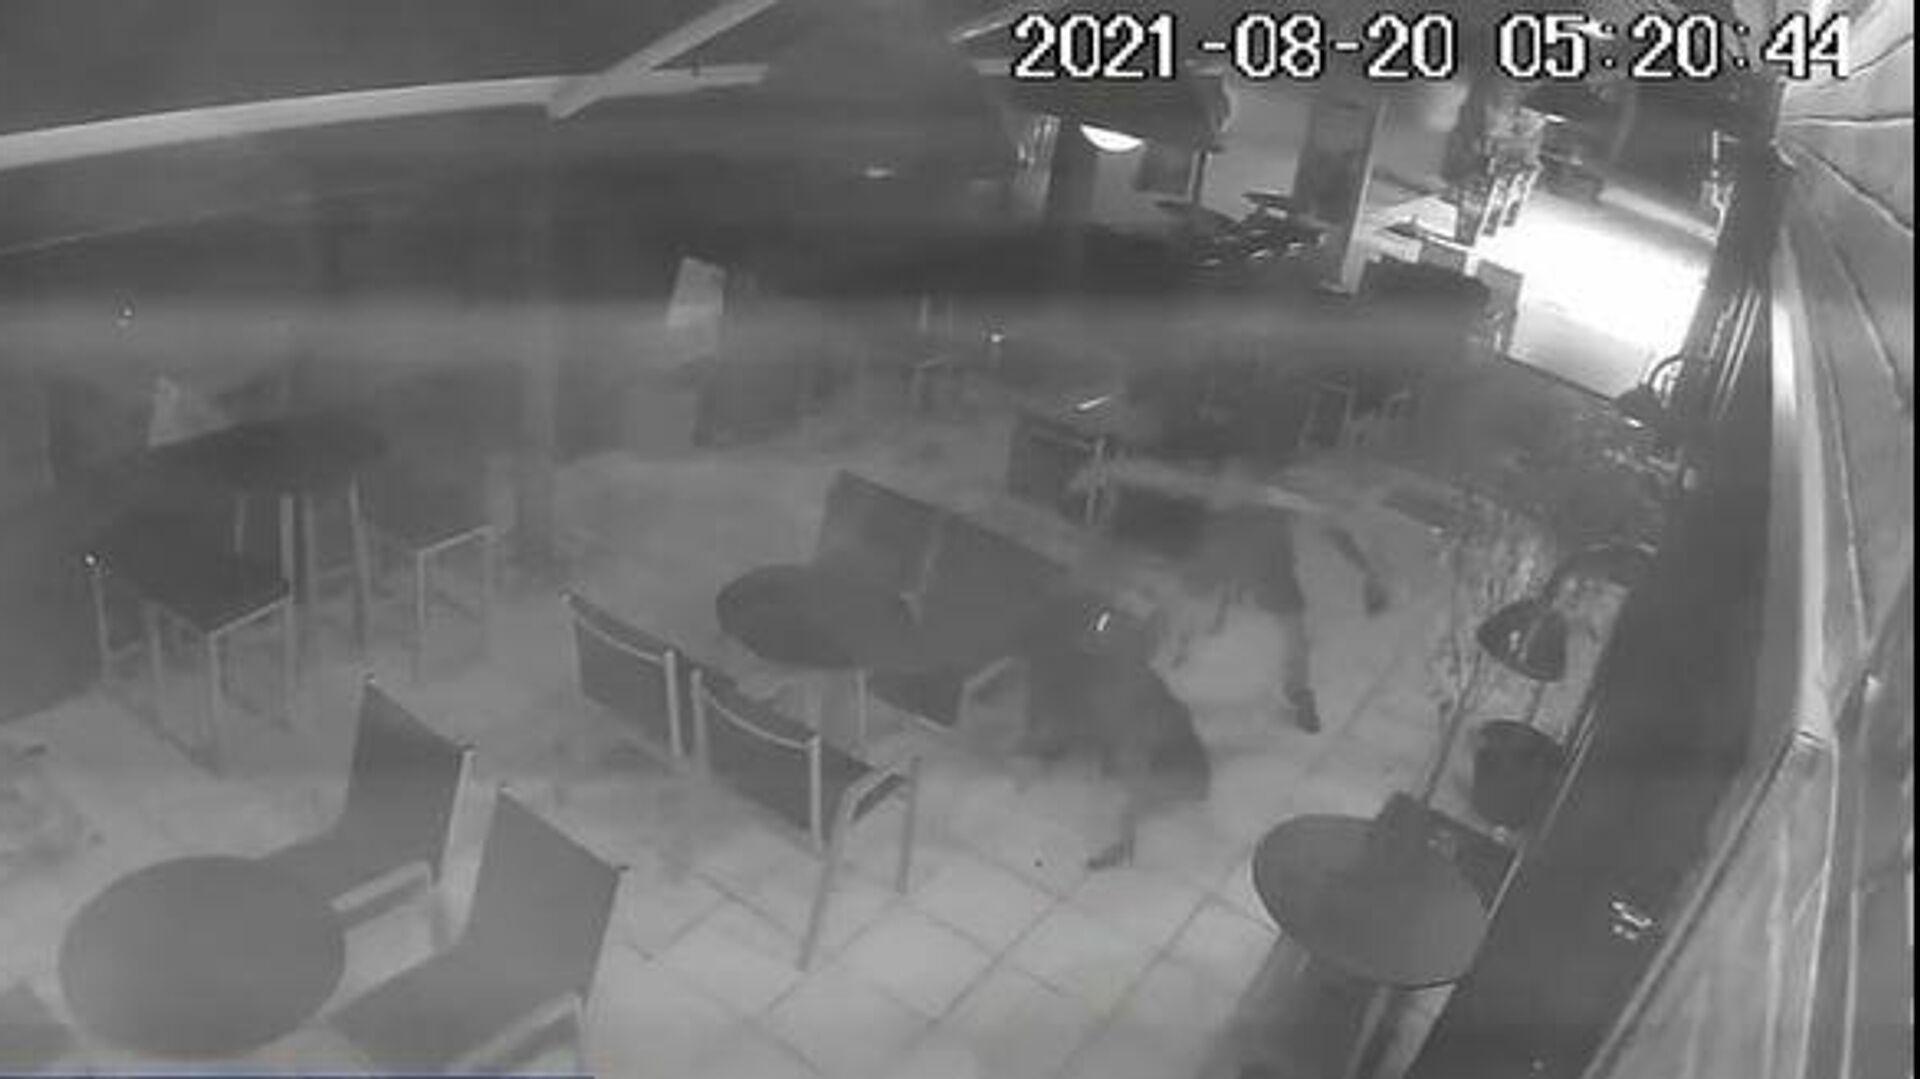 Βίντεο - ντοκουμέντο από την απάνθρωπη επίθεση κατά αδέσποτου σκύλου από 25χρονο - Sputnik Ελλάδα, 1920, 25.08.2021